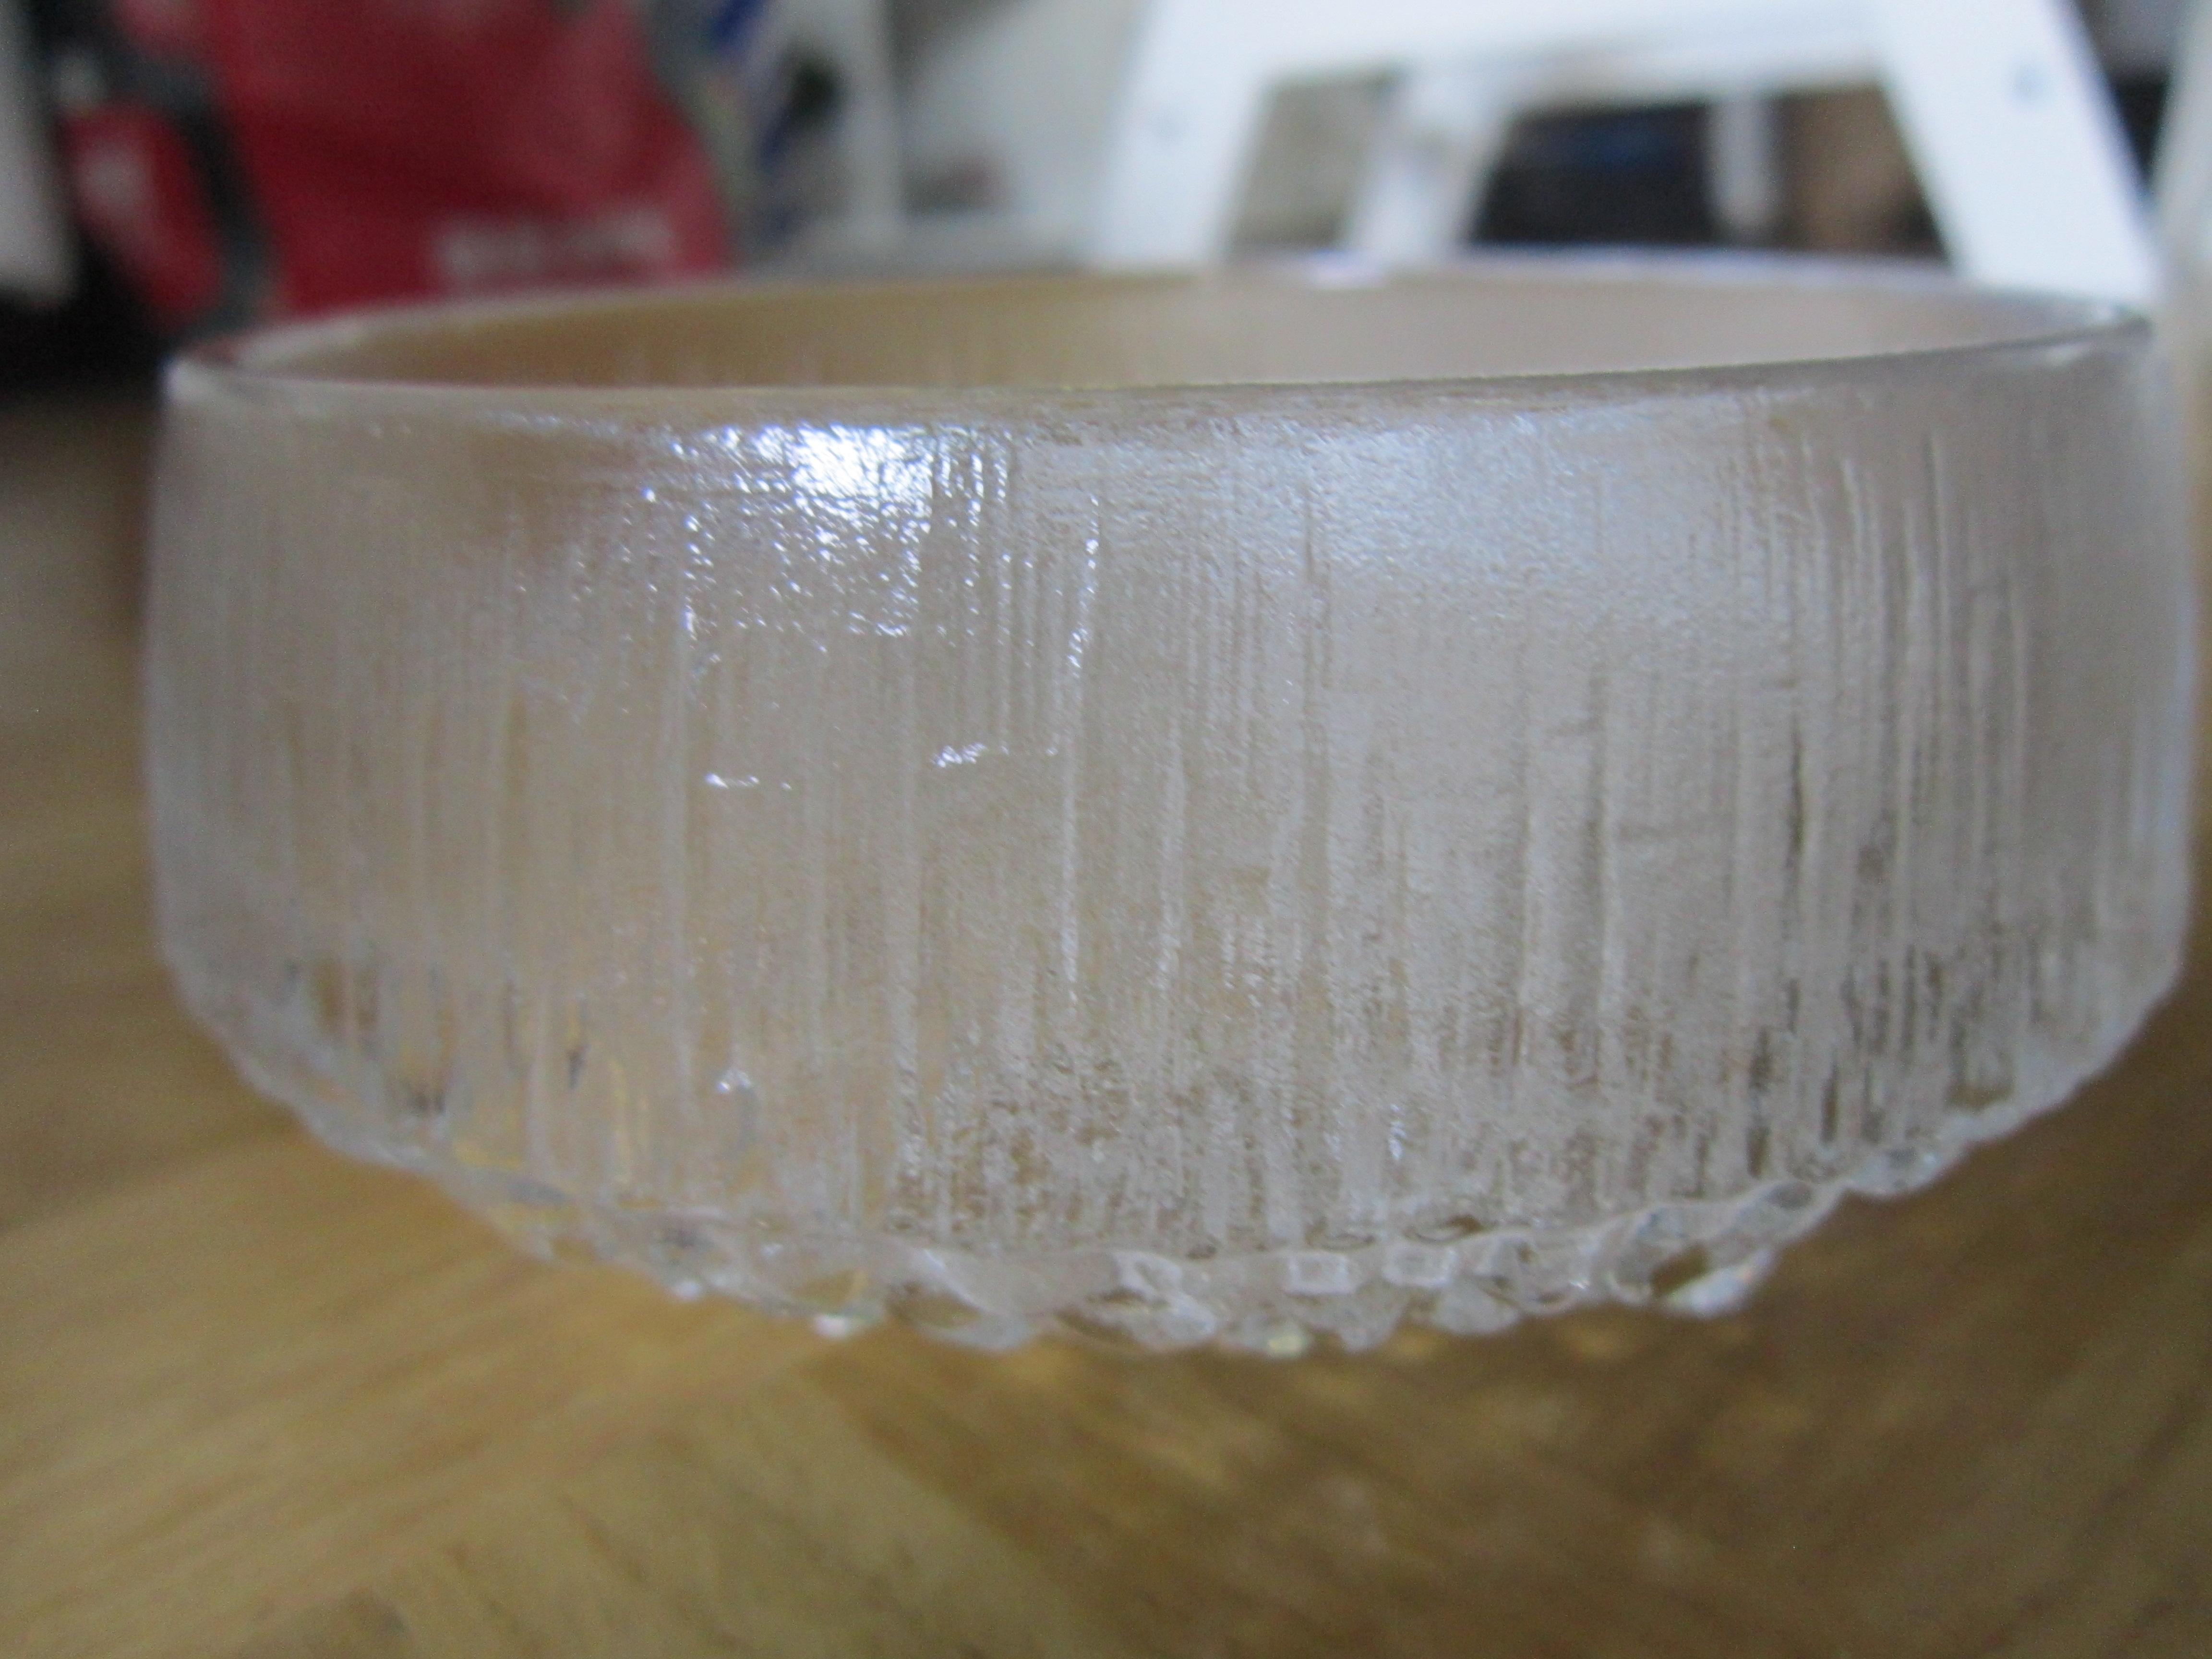 Glasschale mit Riffeln kostenlos